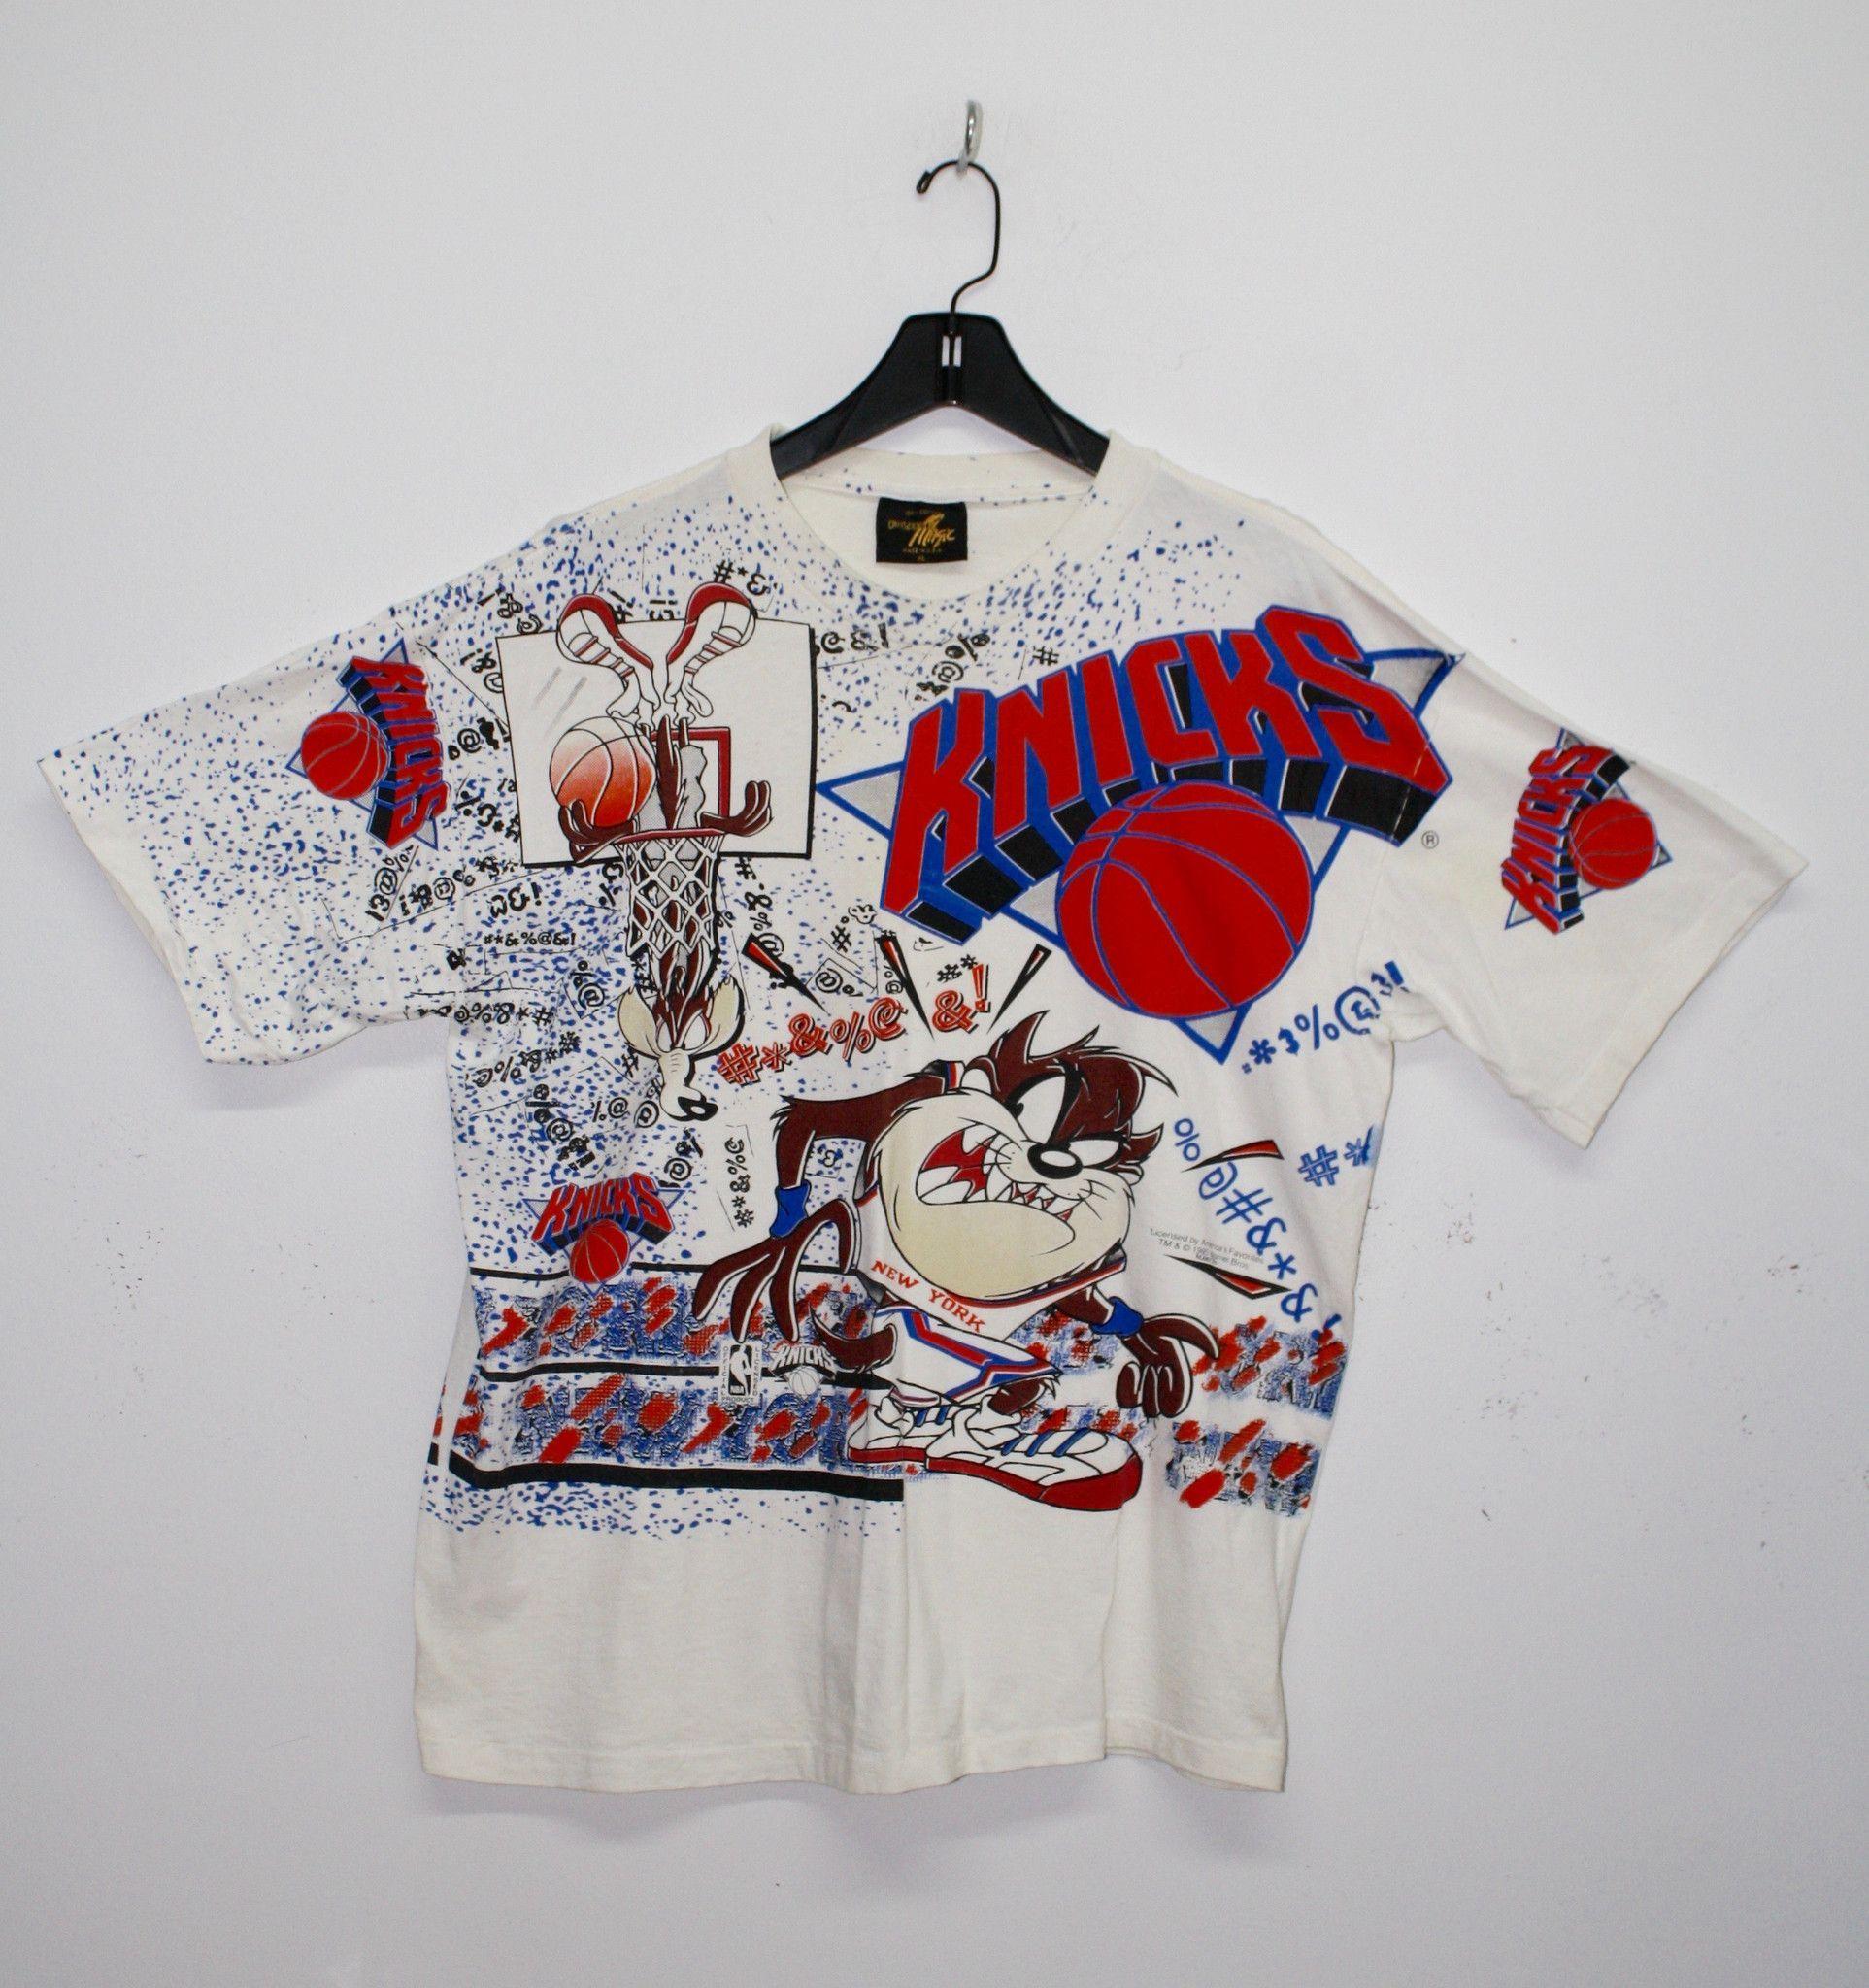 1995 Looney Tunes x Knicks T-shirt